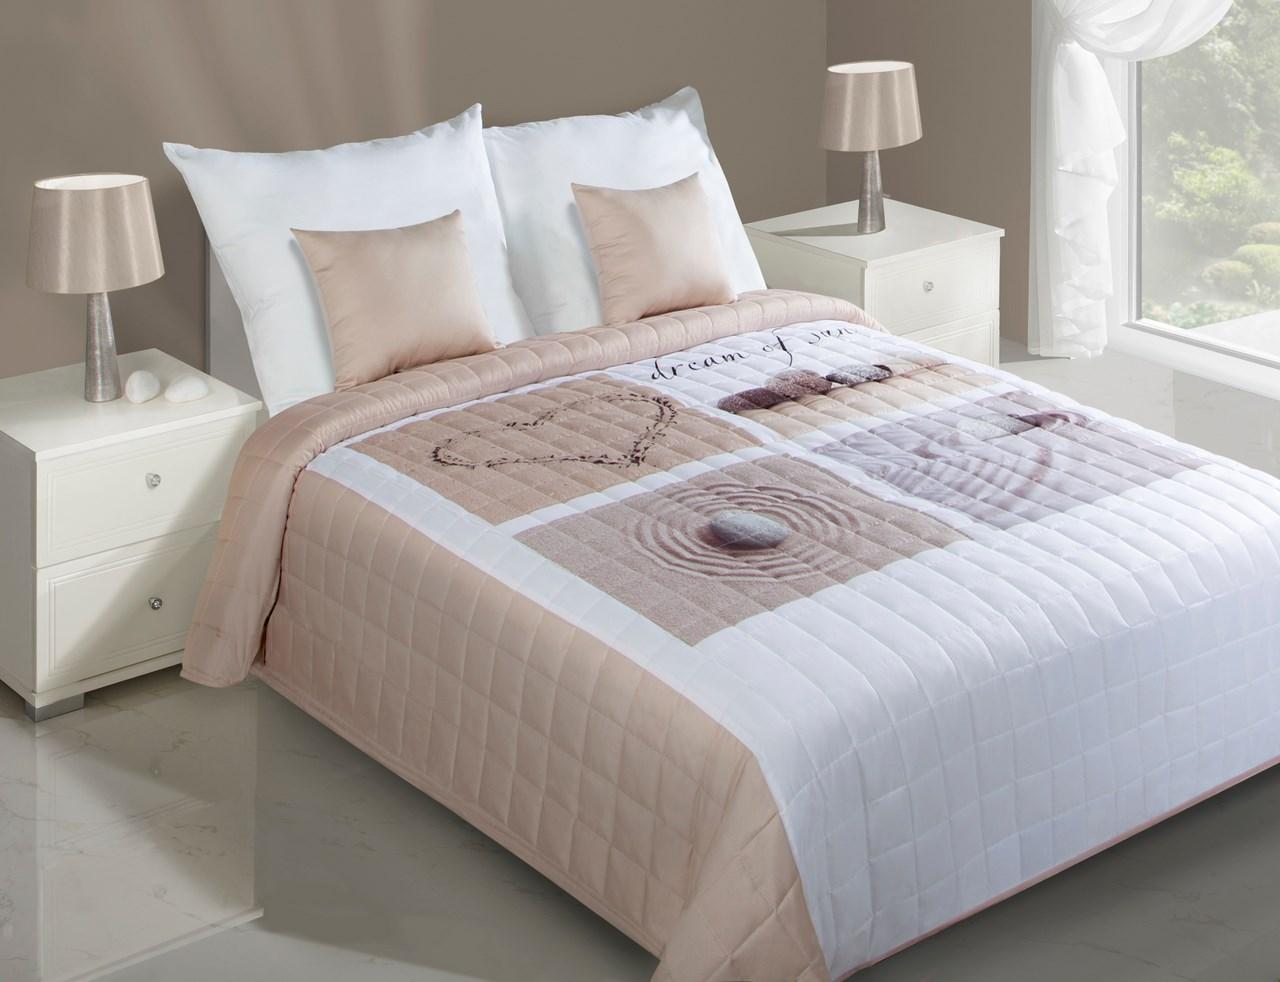 Prehoz na posteľ 240x220 cm - Eurofirany - Roza (krémová). Akcia -31%. Sme autorizovaný predajca Eurofirany. Vlastná spoľahlivá doprava až k Vám domov.